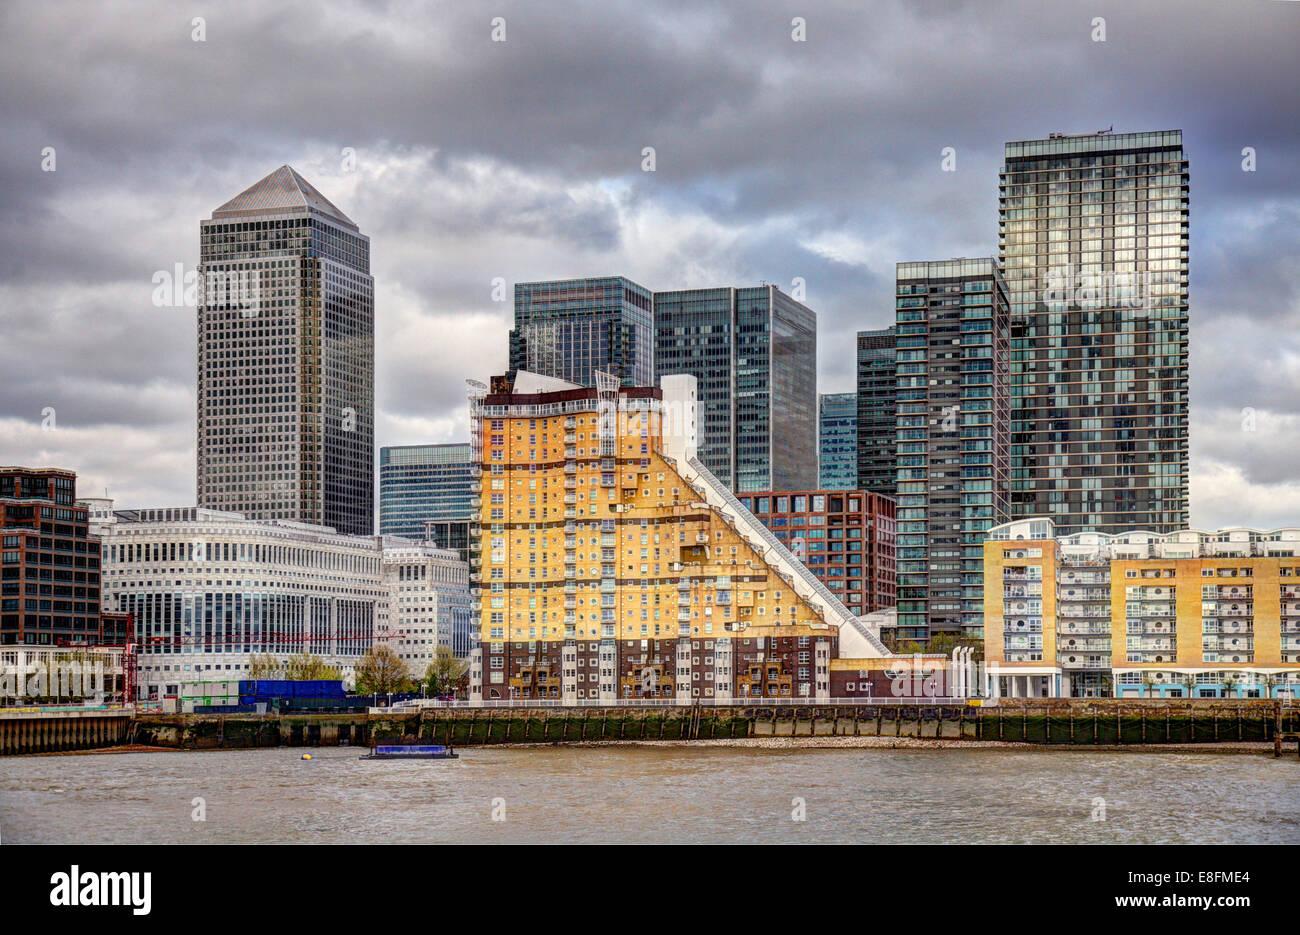 Vereinigtes Königreich, London, Ansicht von Canary Wharf Stockbild